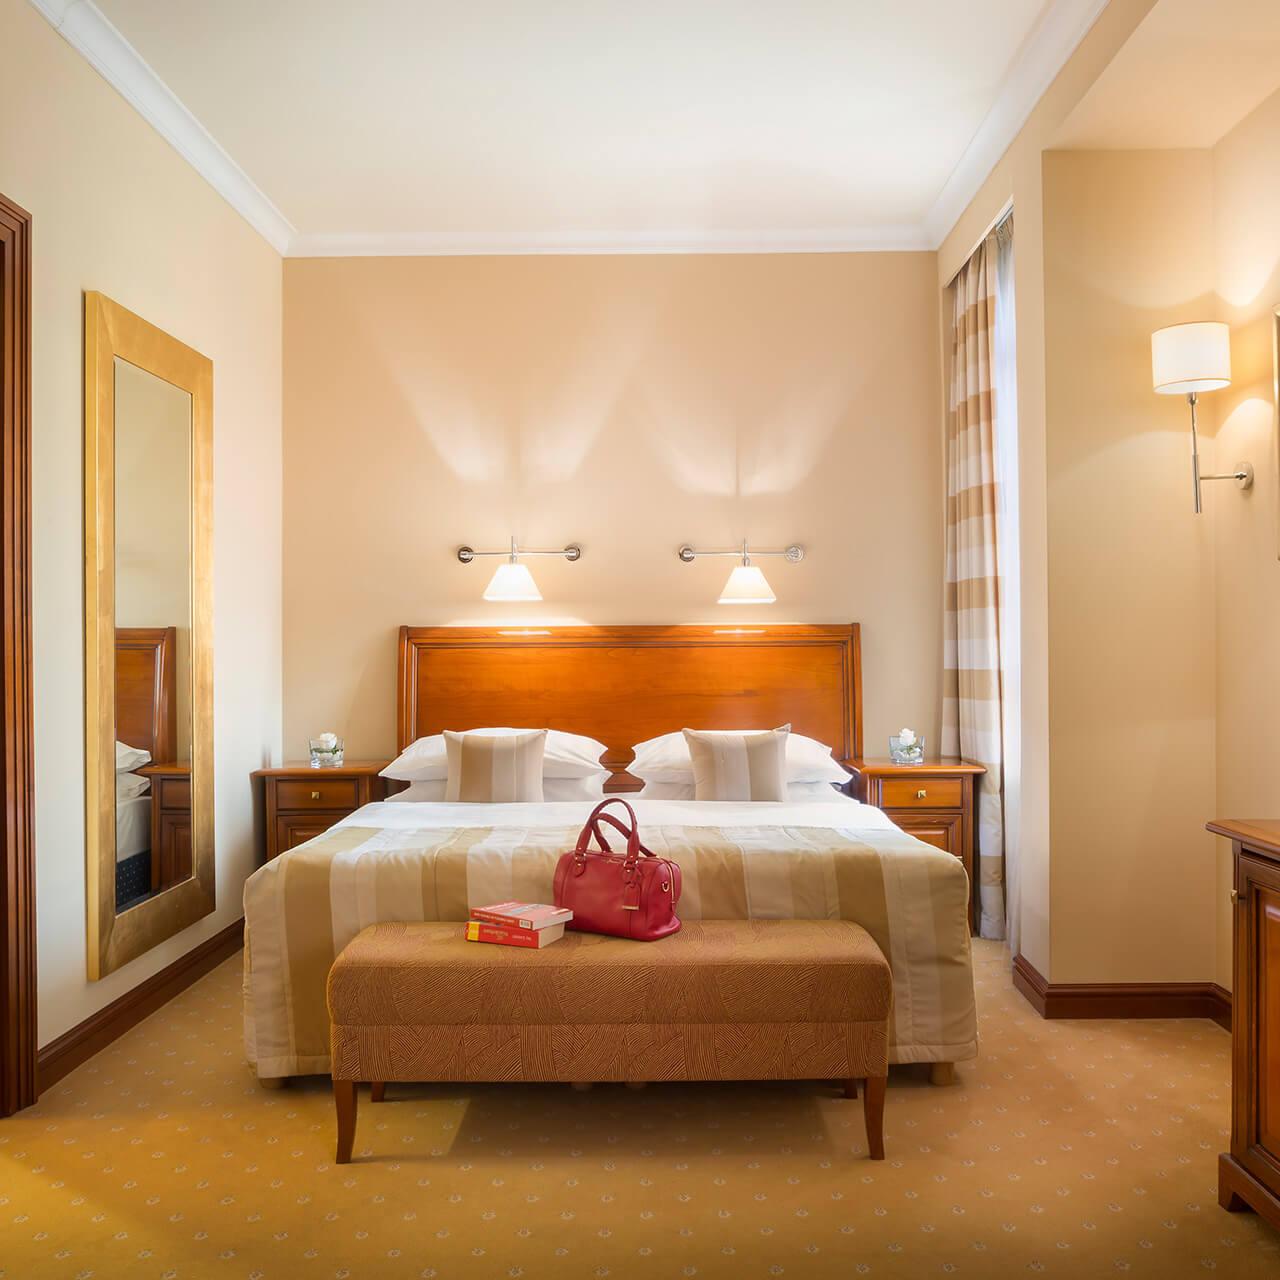 Best Western Premier Hotel Astoria Zimmer